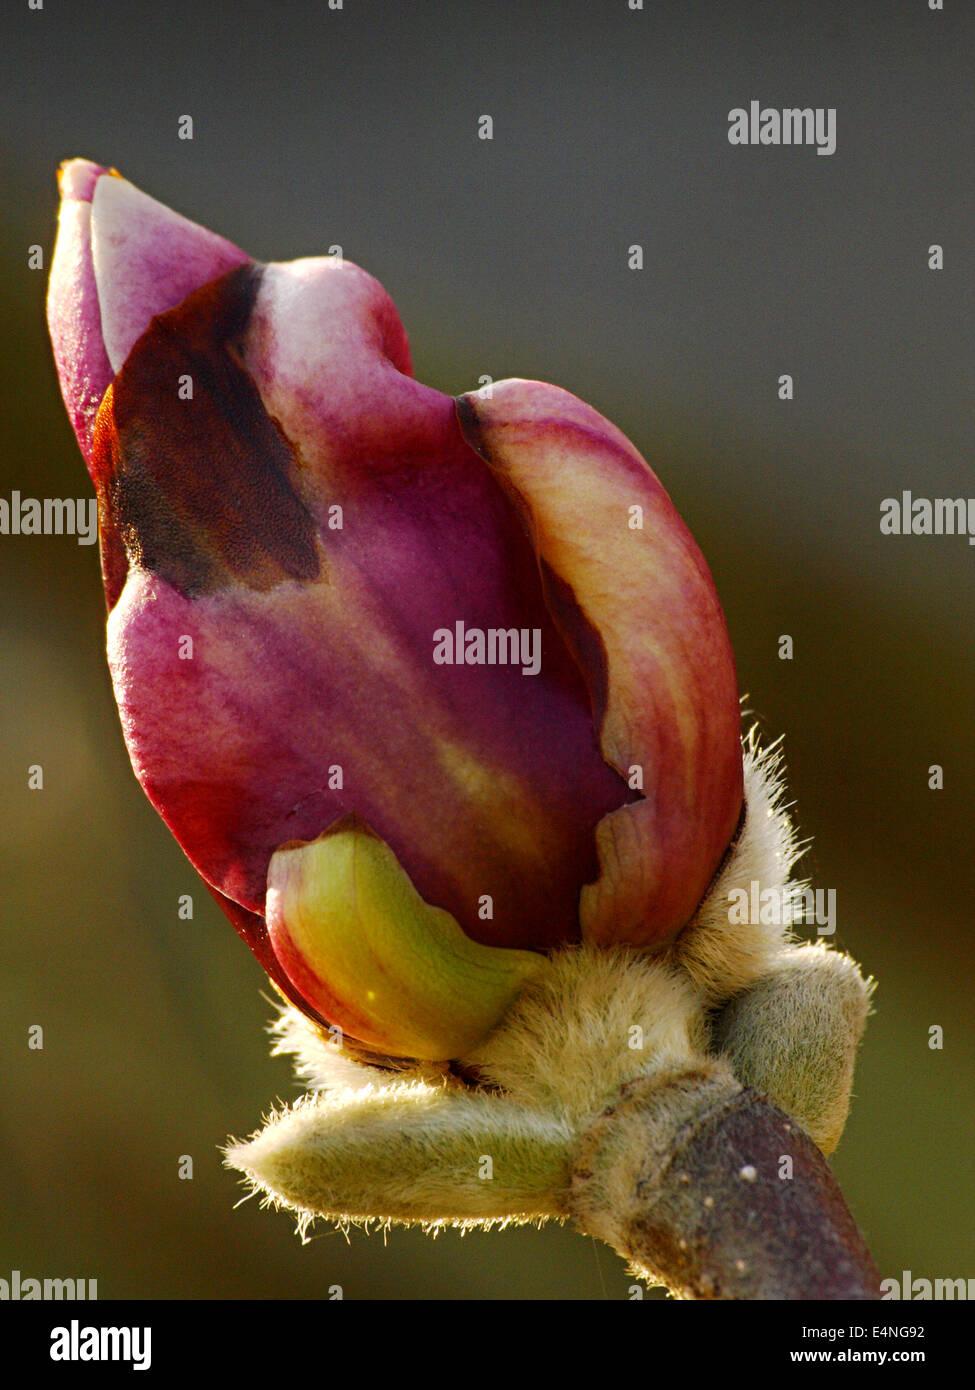 flower 1044078 - Stock Image